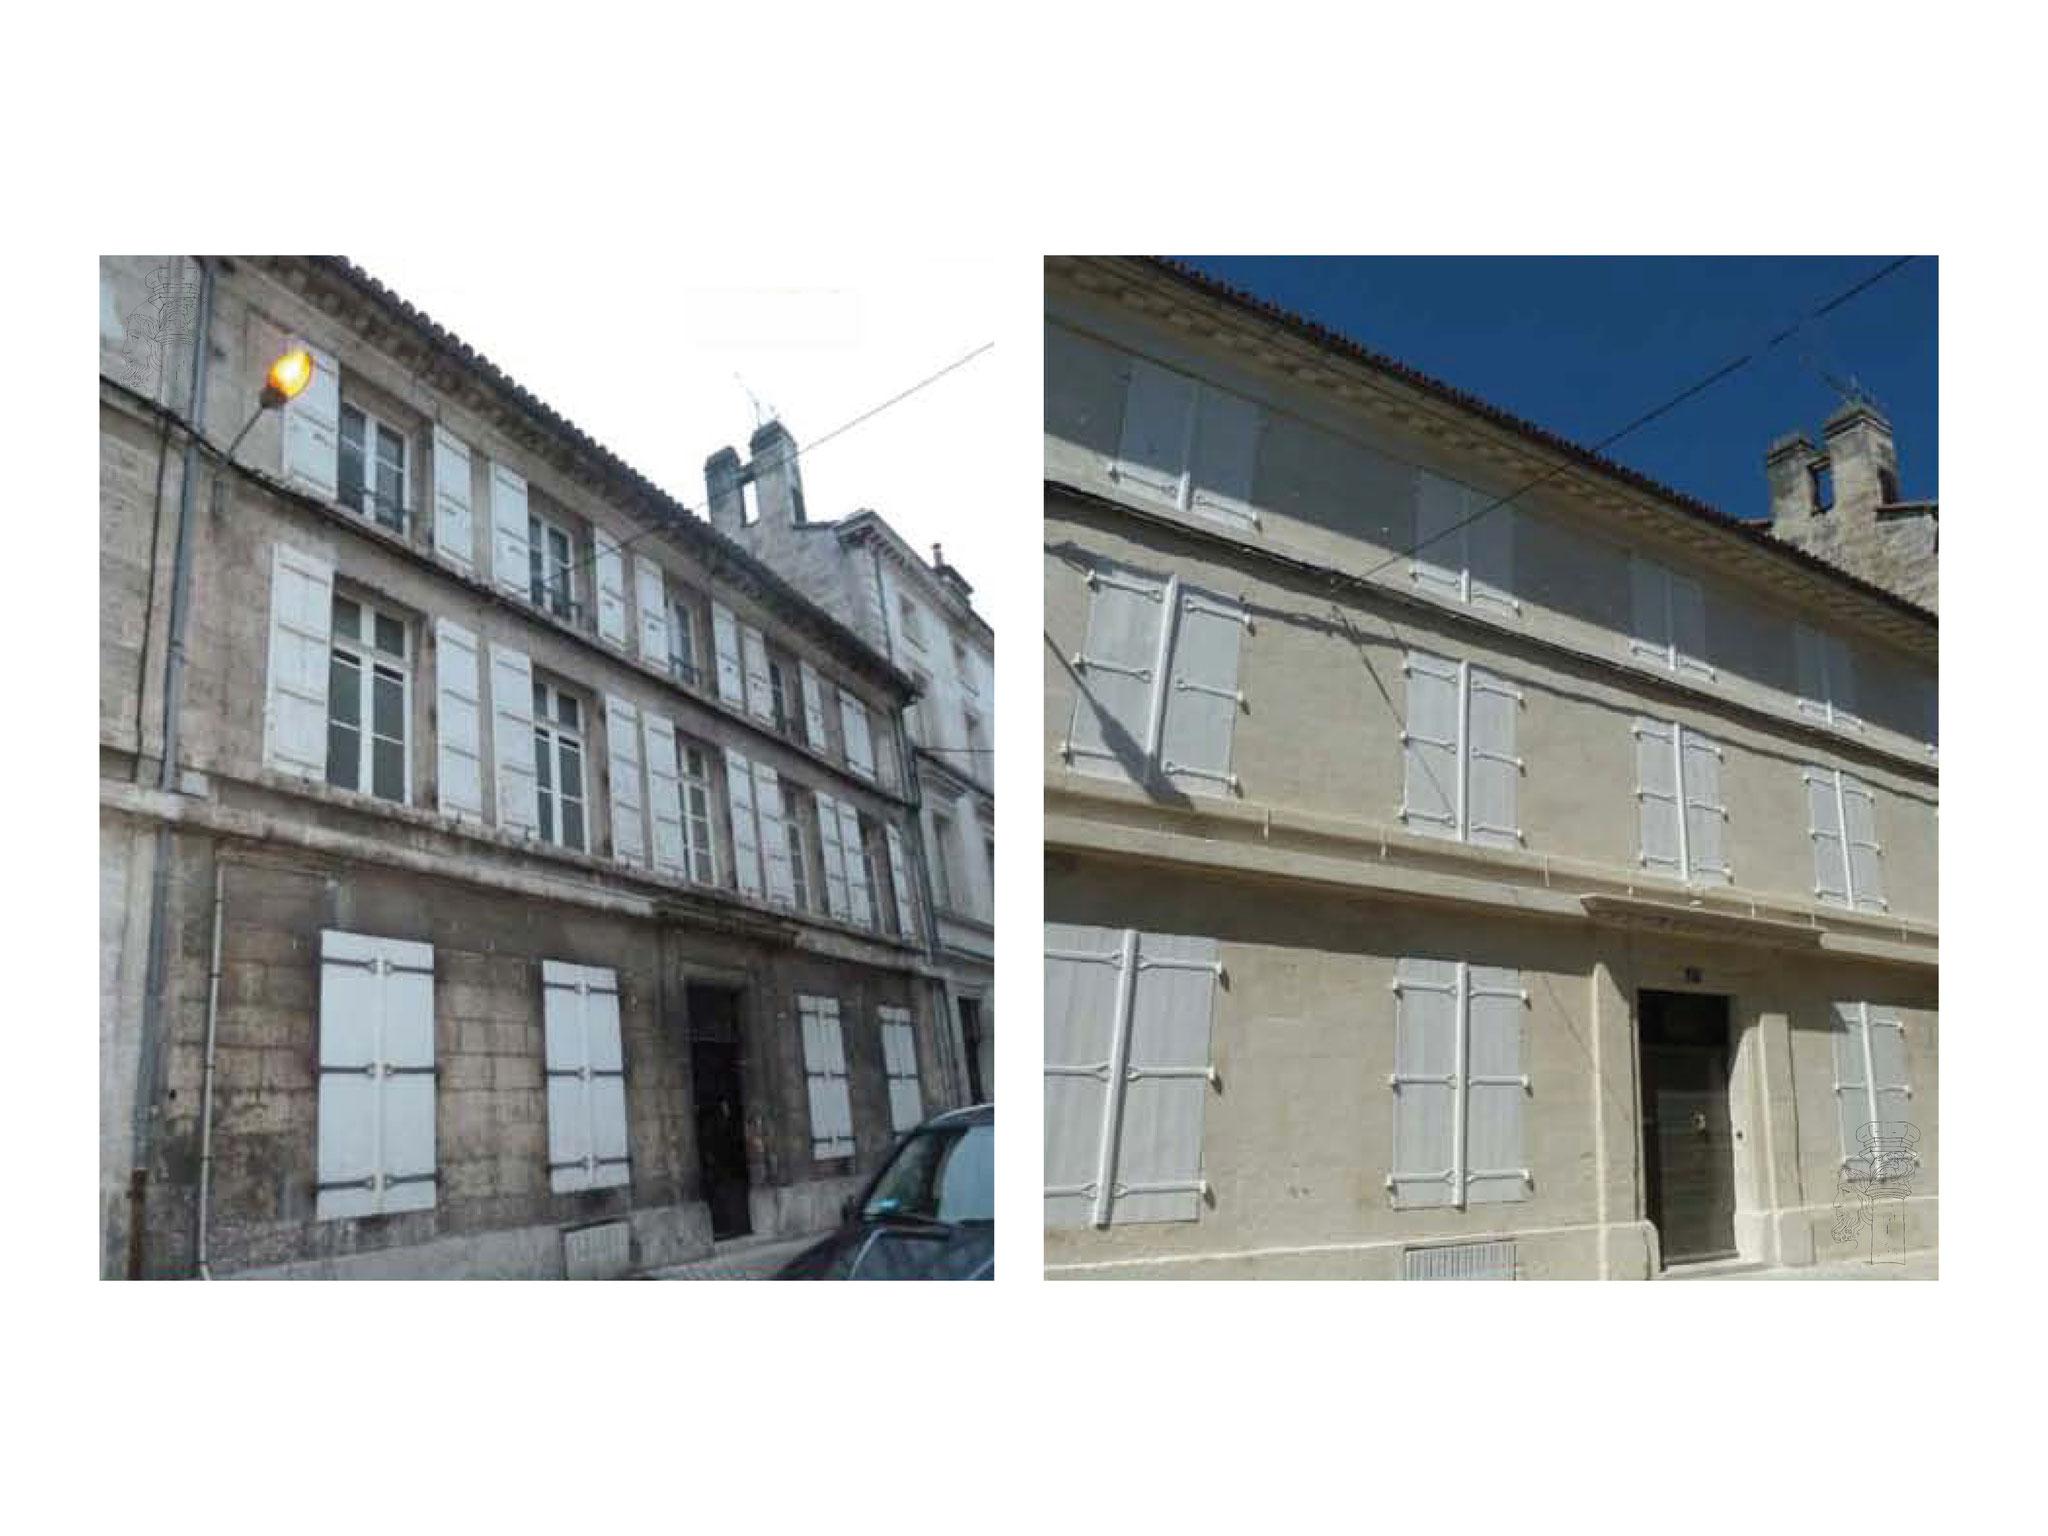 Nettoyage d'une façade Avant/Après